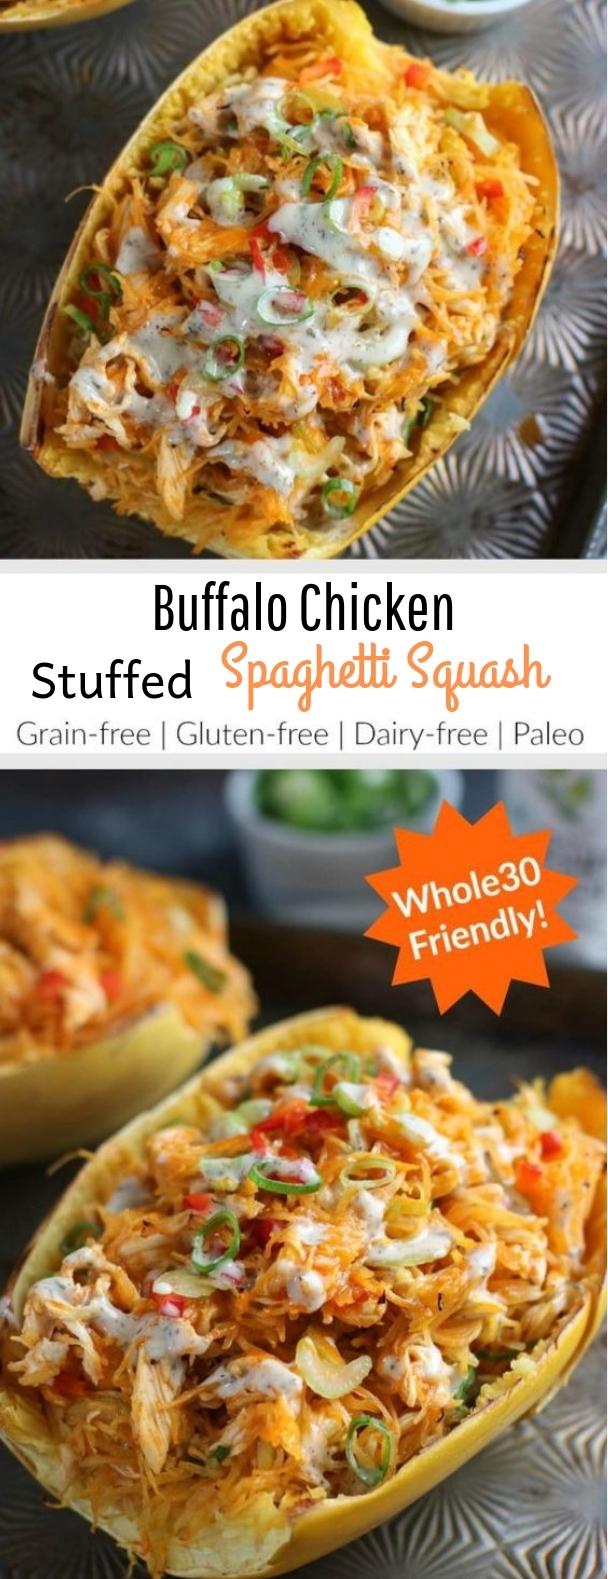 Buffalo Chicken Stuffed Spaghetti Squash #paleo #glutenfree